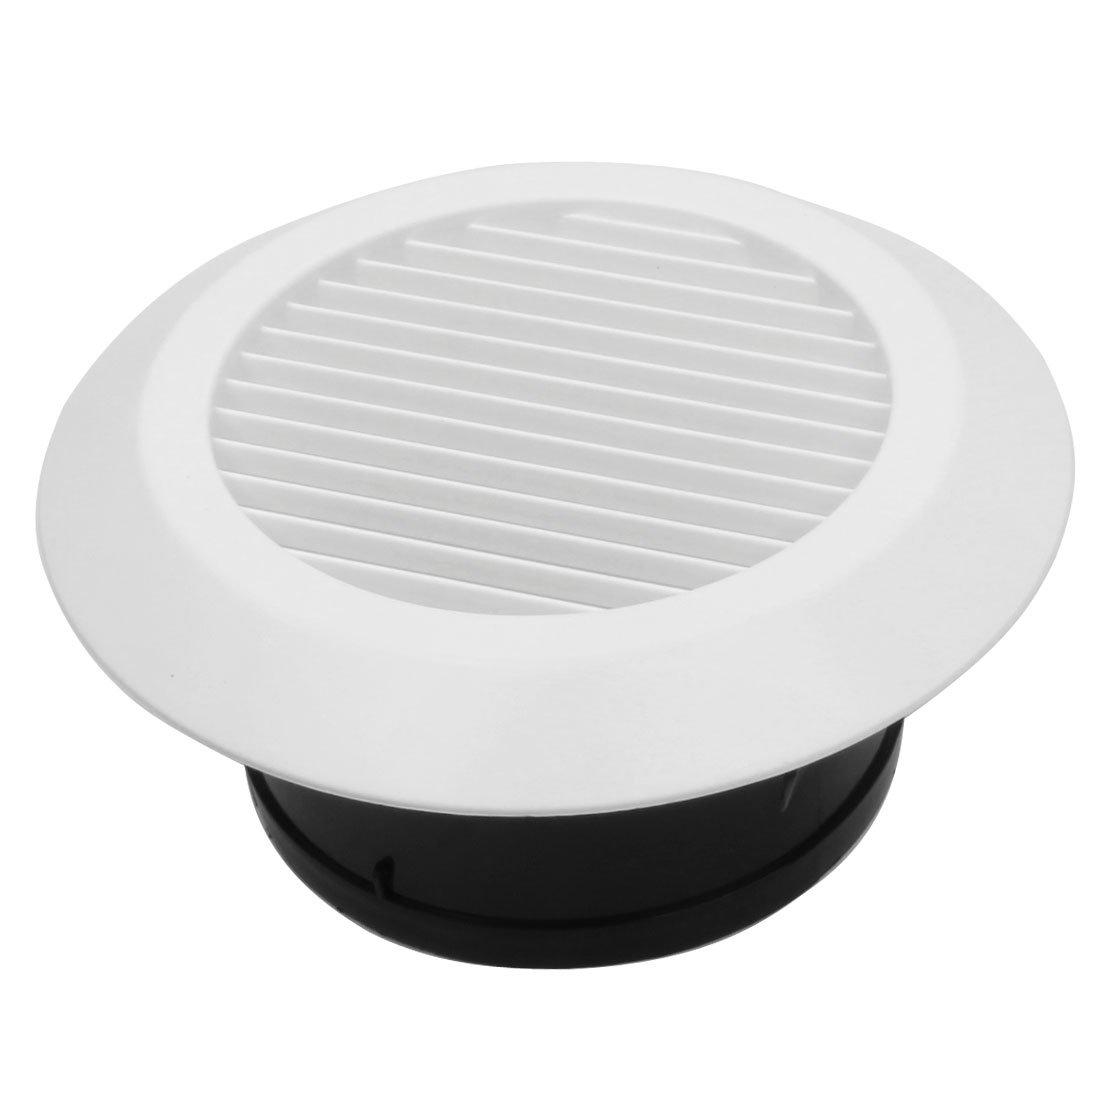 sourcing map Rejillas de Parrilla de ventilació n para conductos de 150 mm de diá metro Salida del aireador ABS Blanco a14080100ux0029